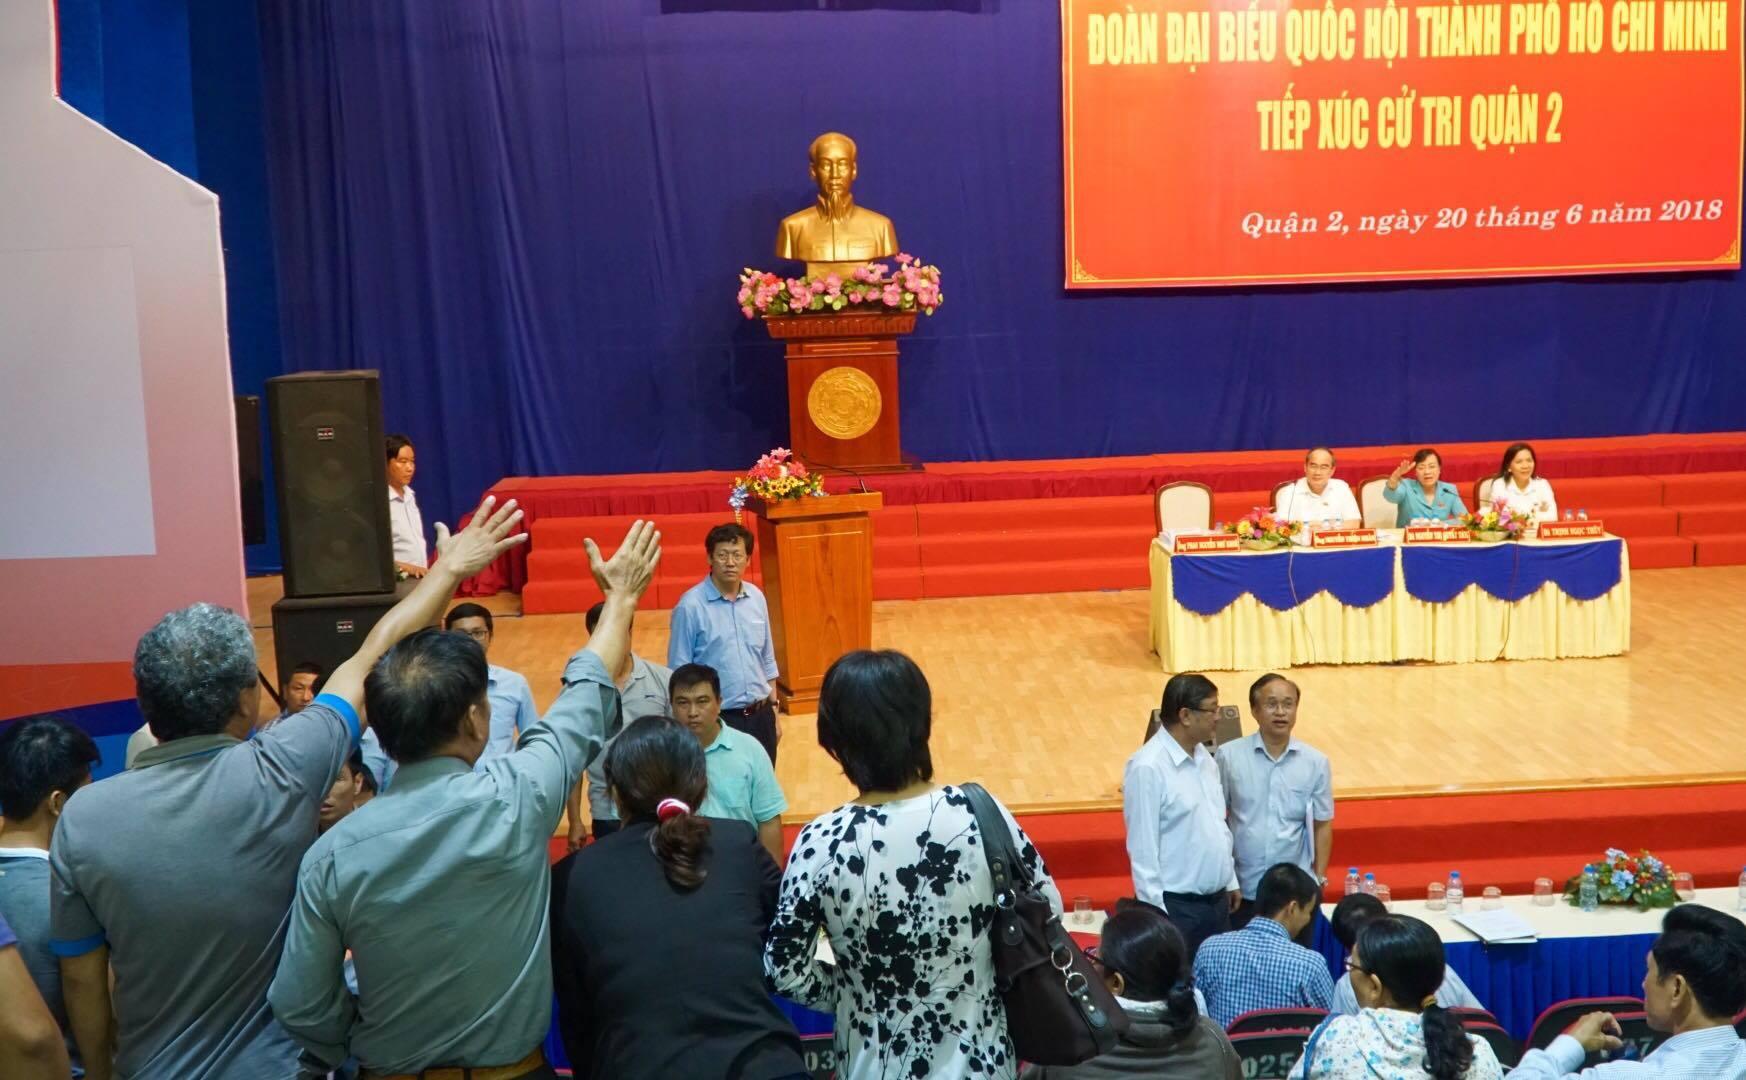 Ông Nguyễn Thiện Nhân thực hiện lời hứa đối thoại với người dân Thủ Thiêm